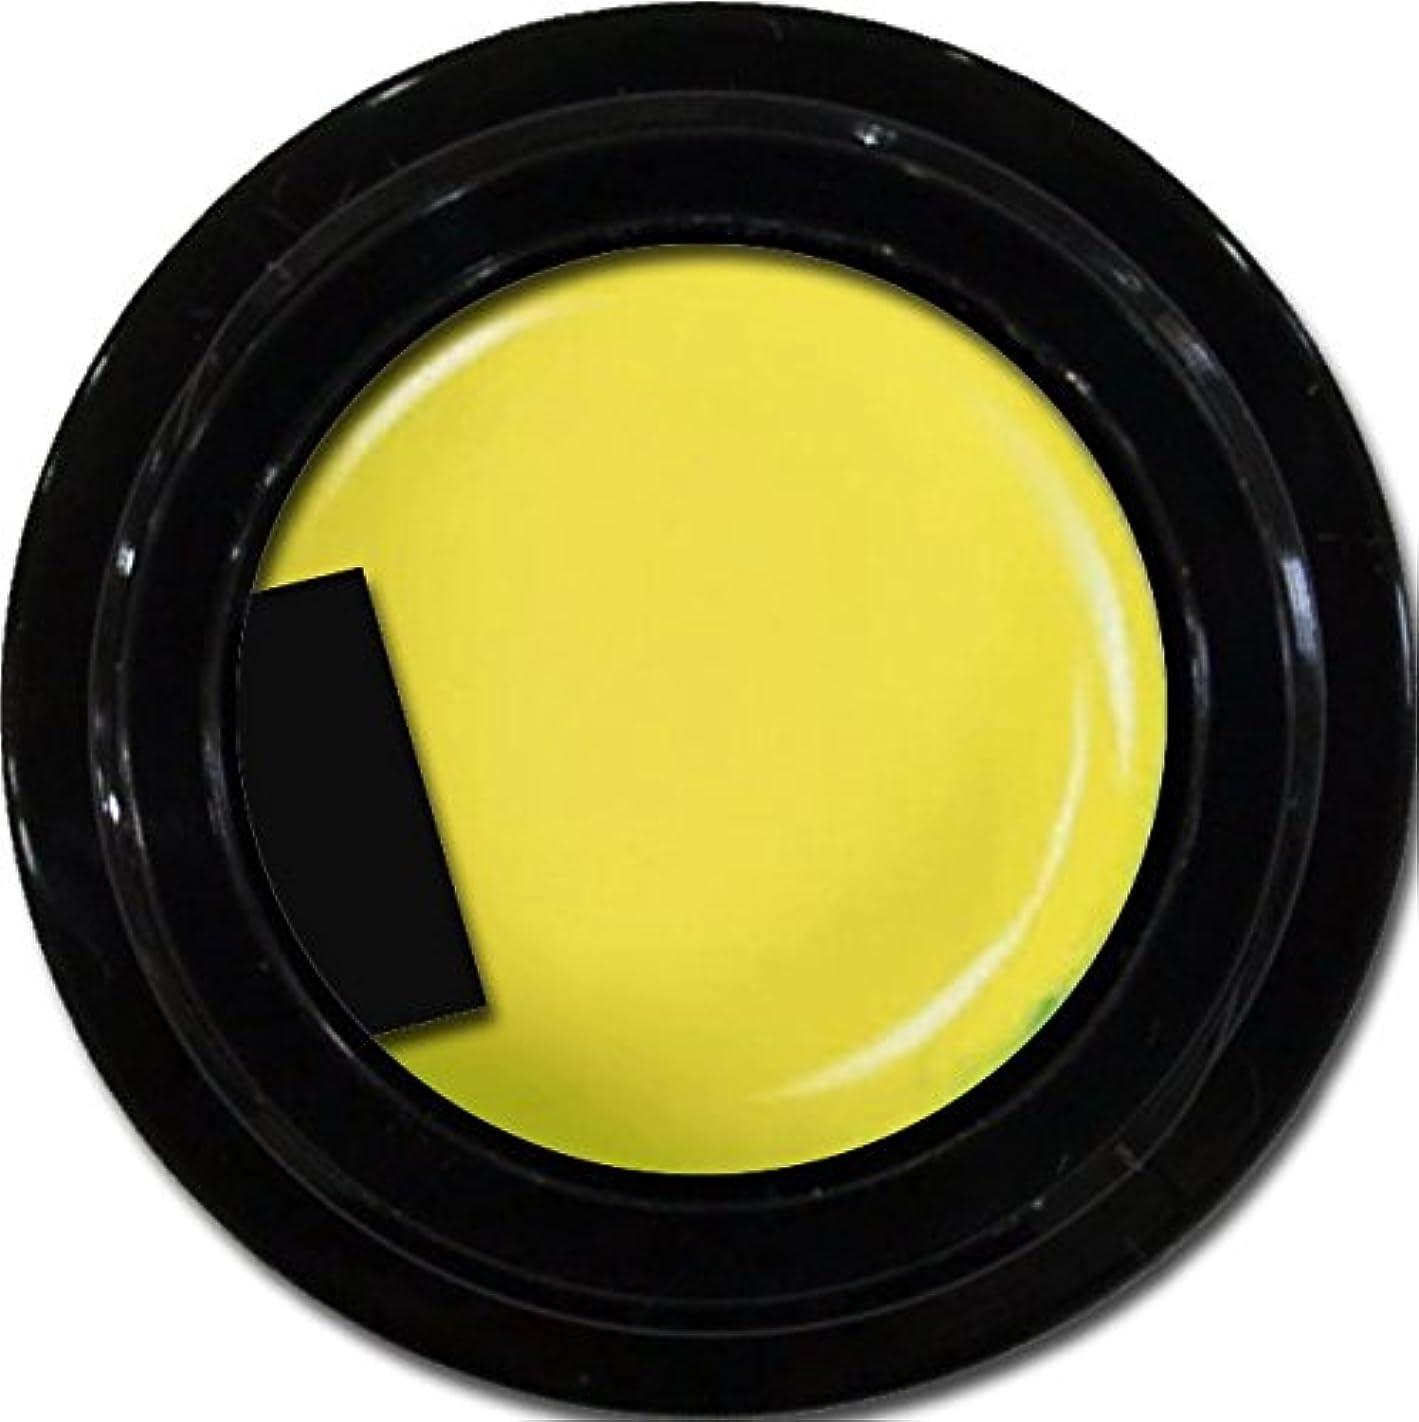 レイプ特別な晴れカラージェル enchant color gel M602 MoroccoYellow 3g/ マットカラージェル M602 モロッコイエロー 3グラム